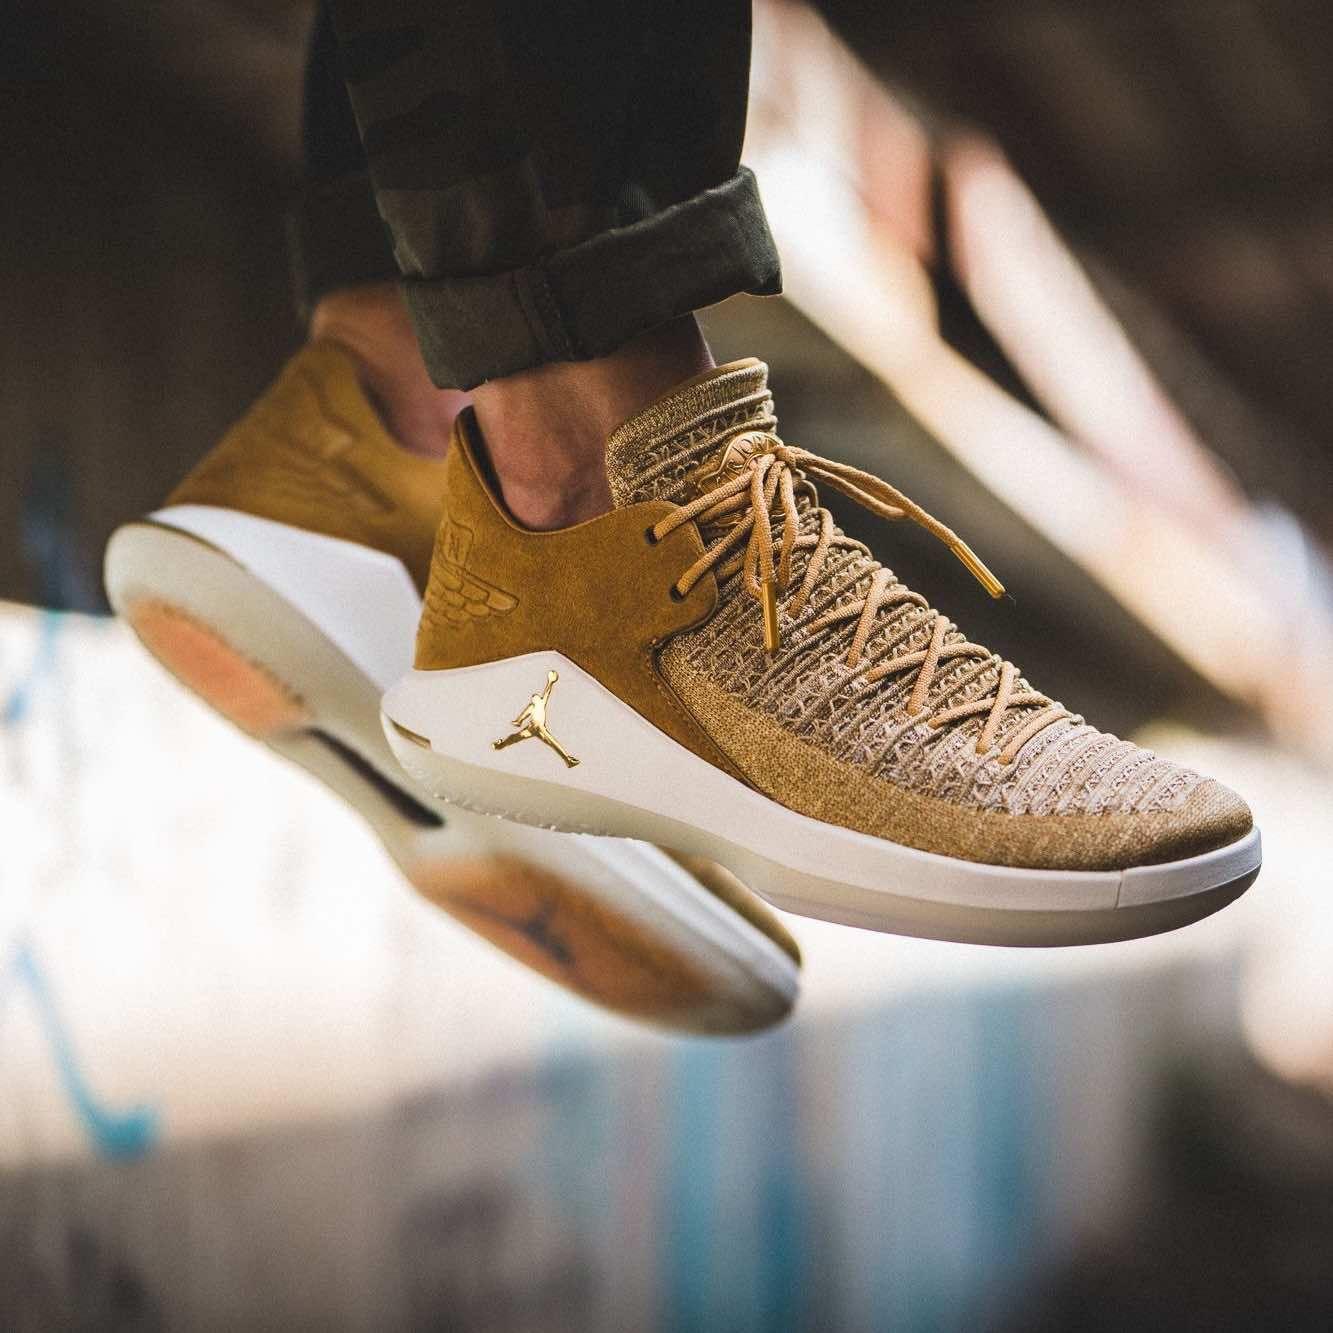 專家推薦10個最受好評籃球鞋